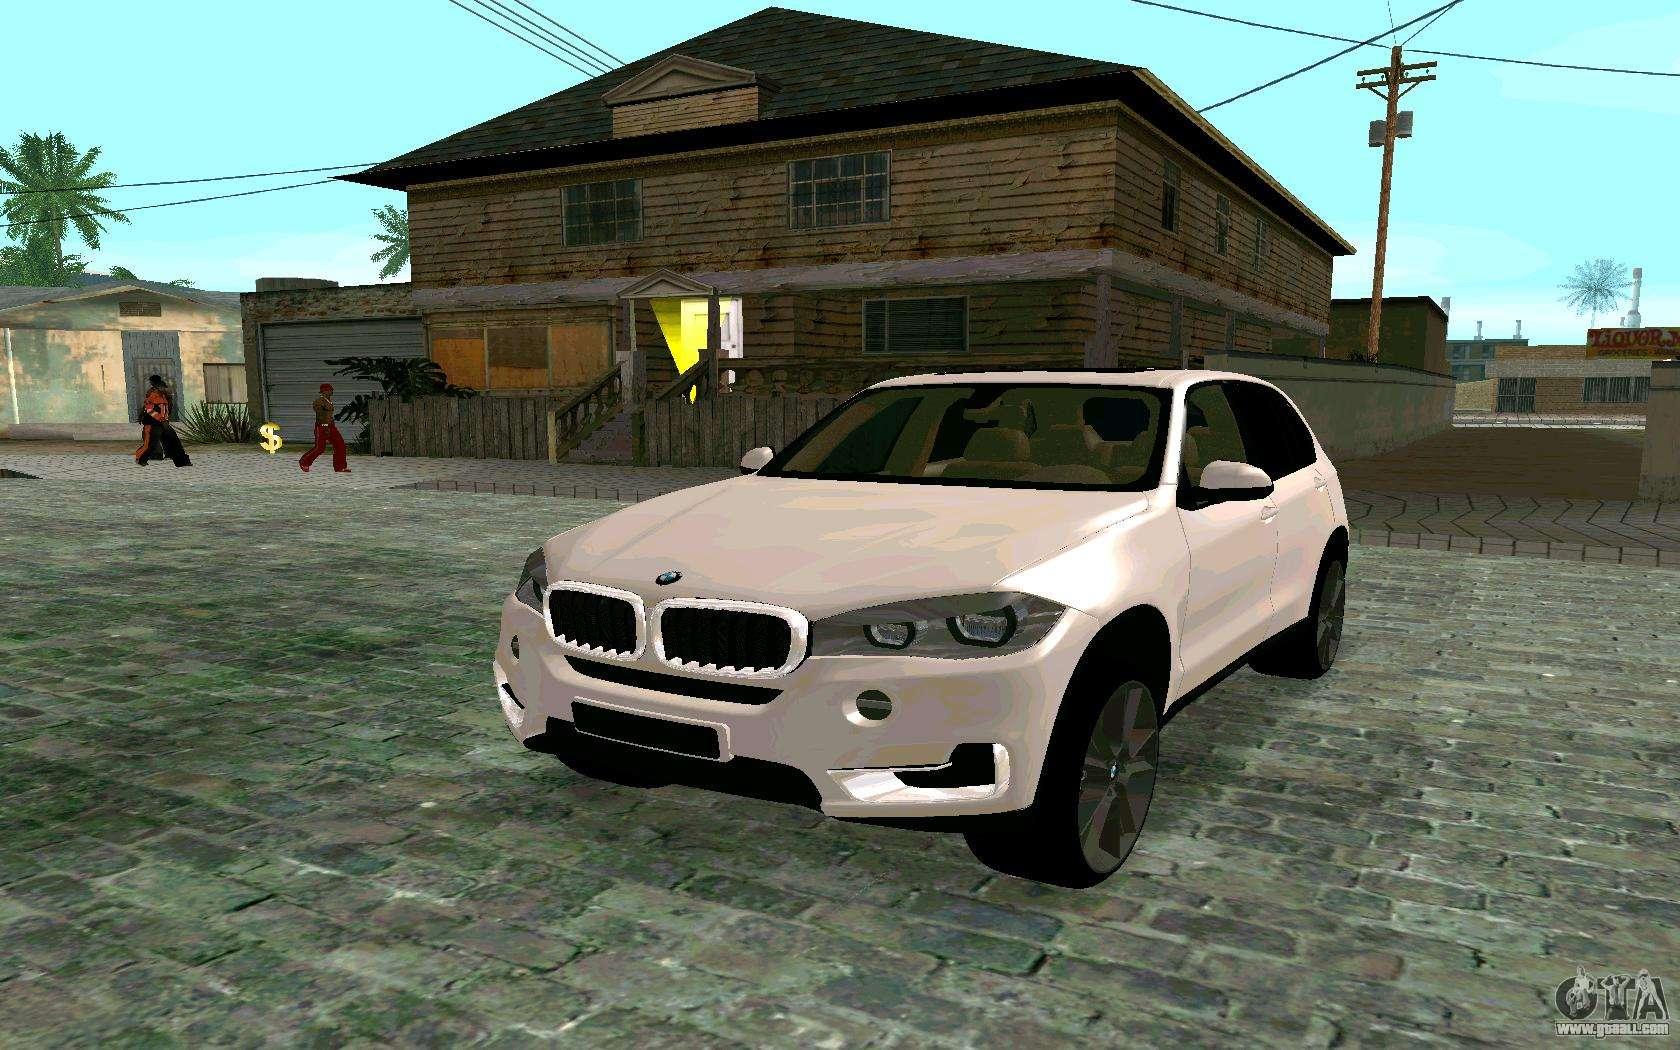 BMW X5 F15 for GTA San Andreas Bmw X F on bmw 7 series, bmw f26, bmw f50, bmw f45, bmw f20, bmw e39, bmw e71, bmw f12, bmw f32, bmw f82, bmw f85, bmw x5, bmw models, bmw sav, bmw f21, bmw f list, bmw f11, bmw f70, bmw e30, bmw m12,